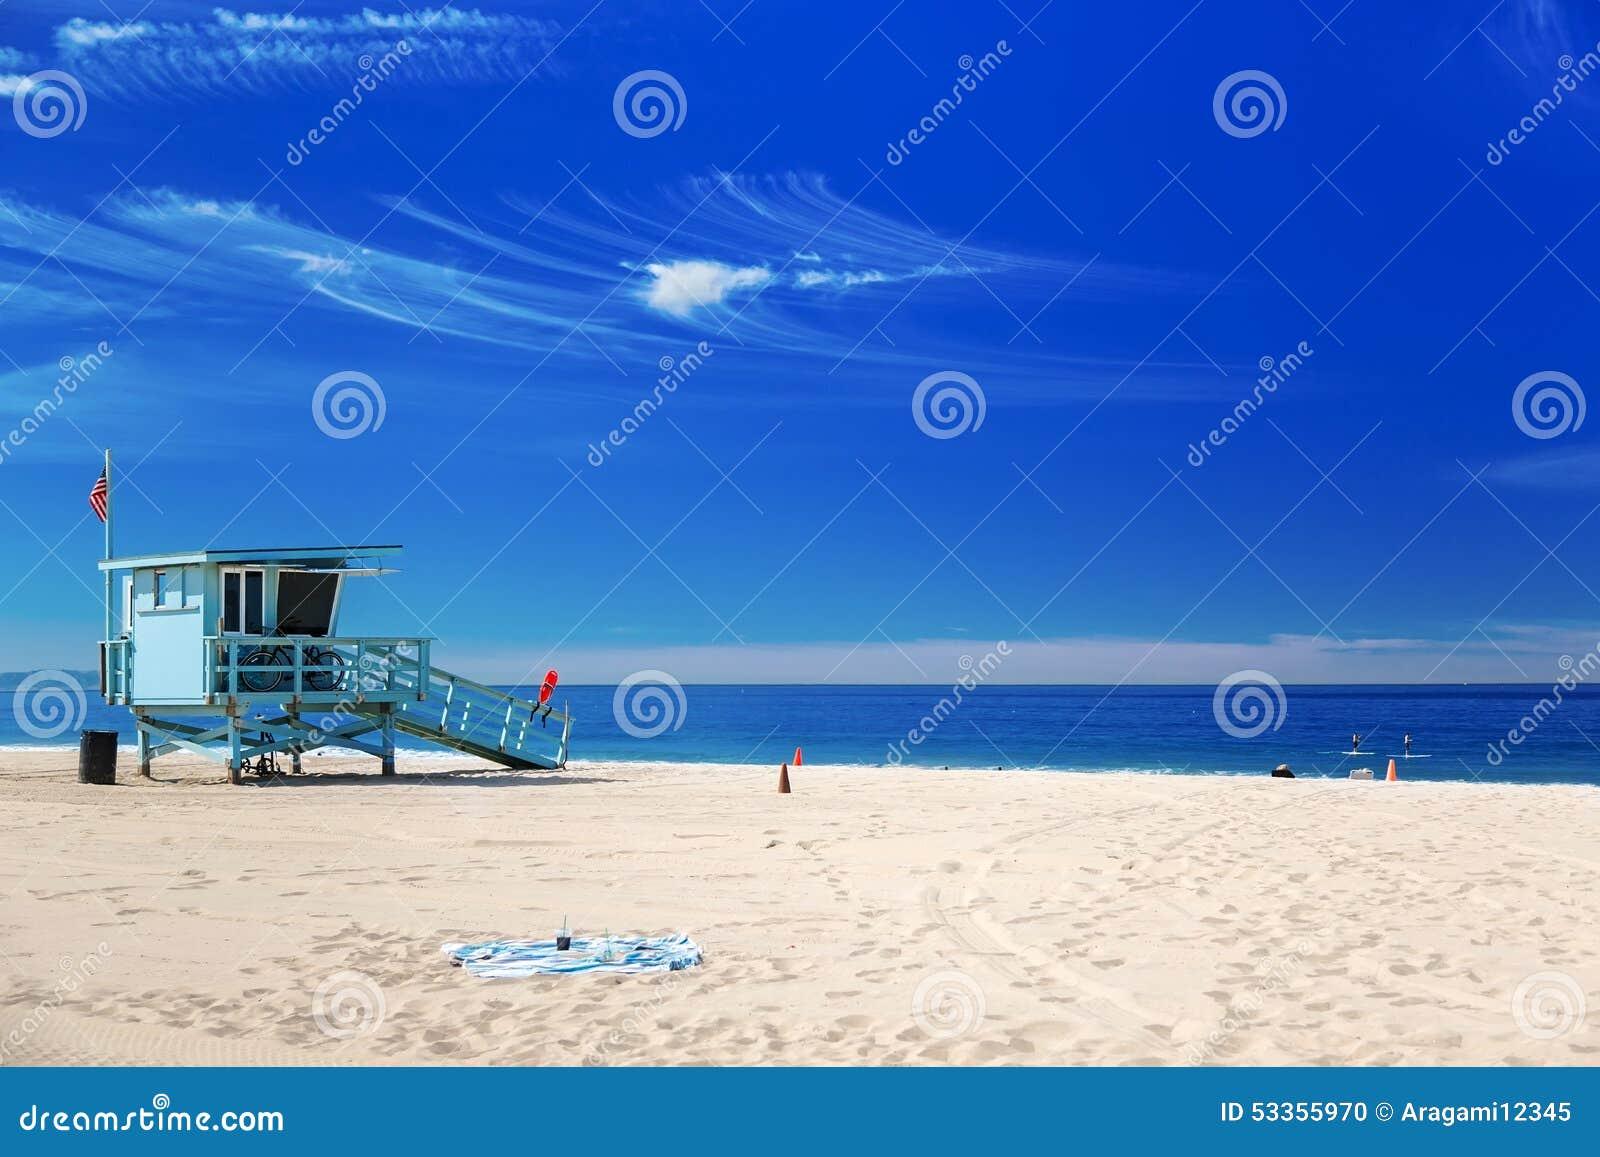 Lifeguard Station At The Beach Stock Photo Cartoondealer